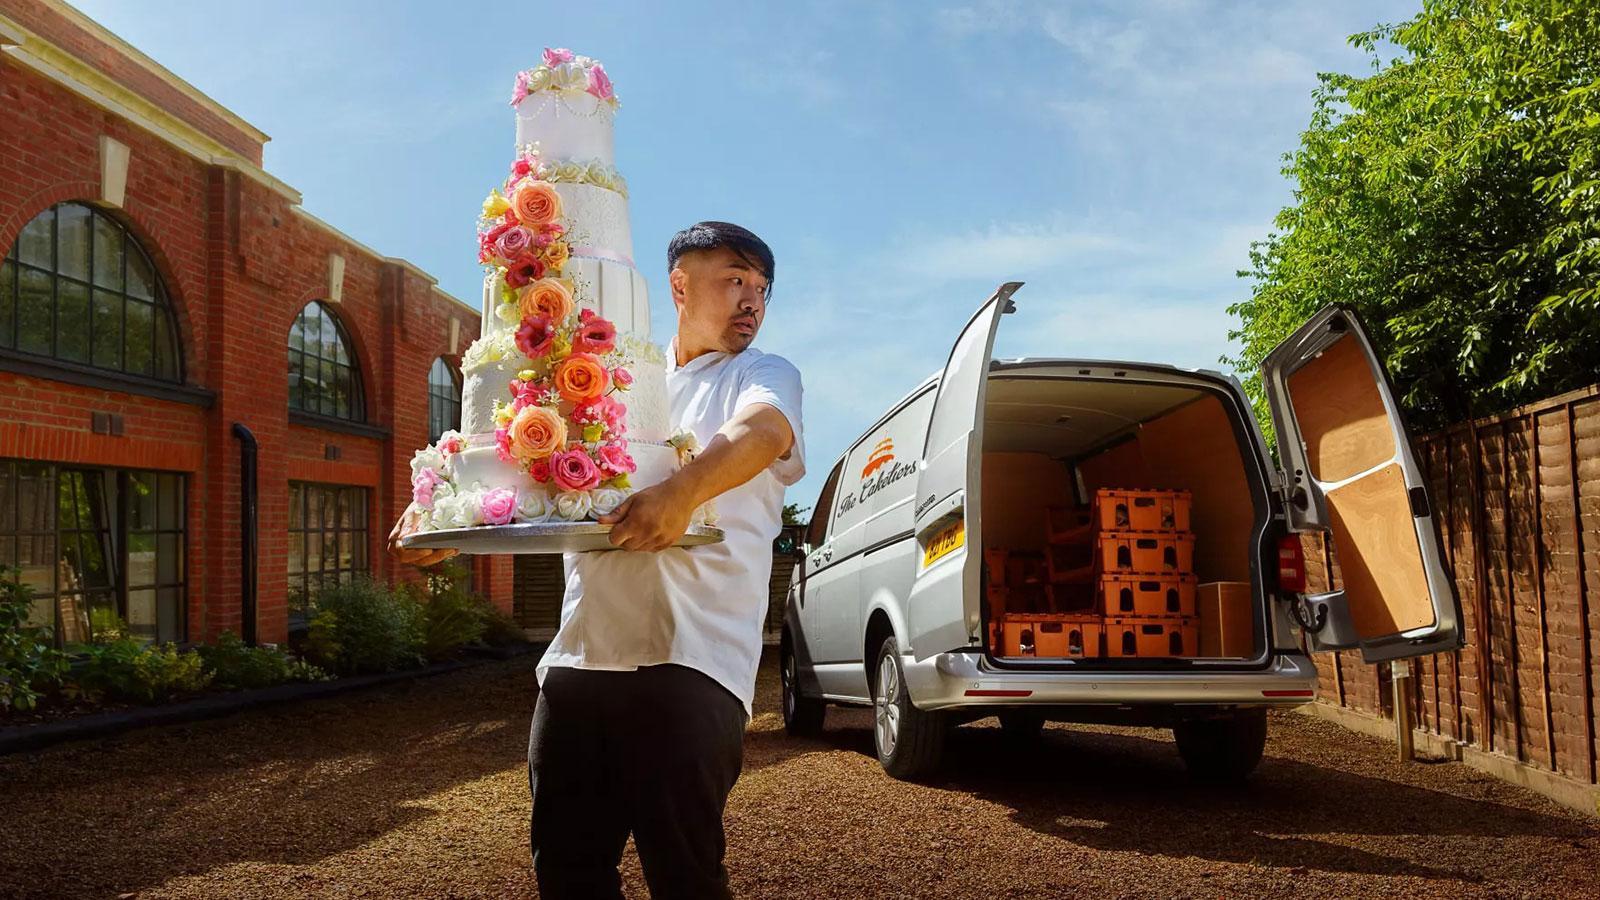 Man carrying wedding cake from Volkswagen van